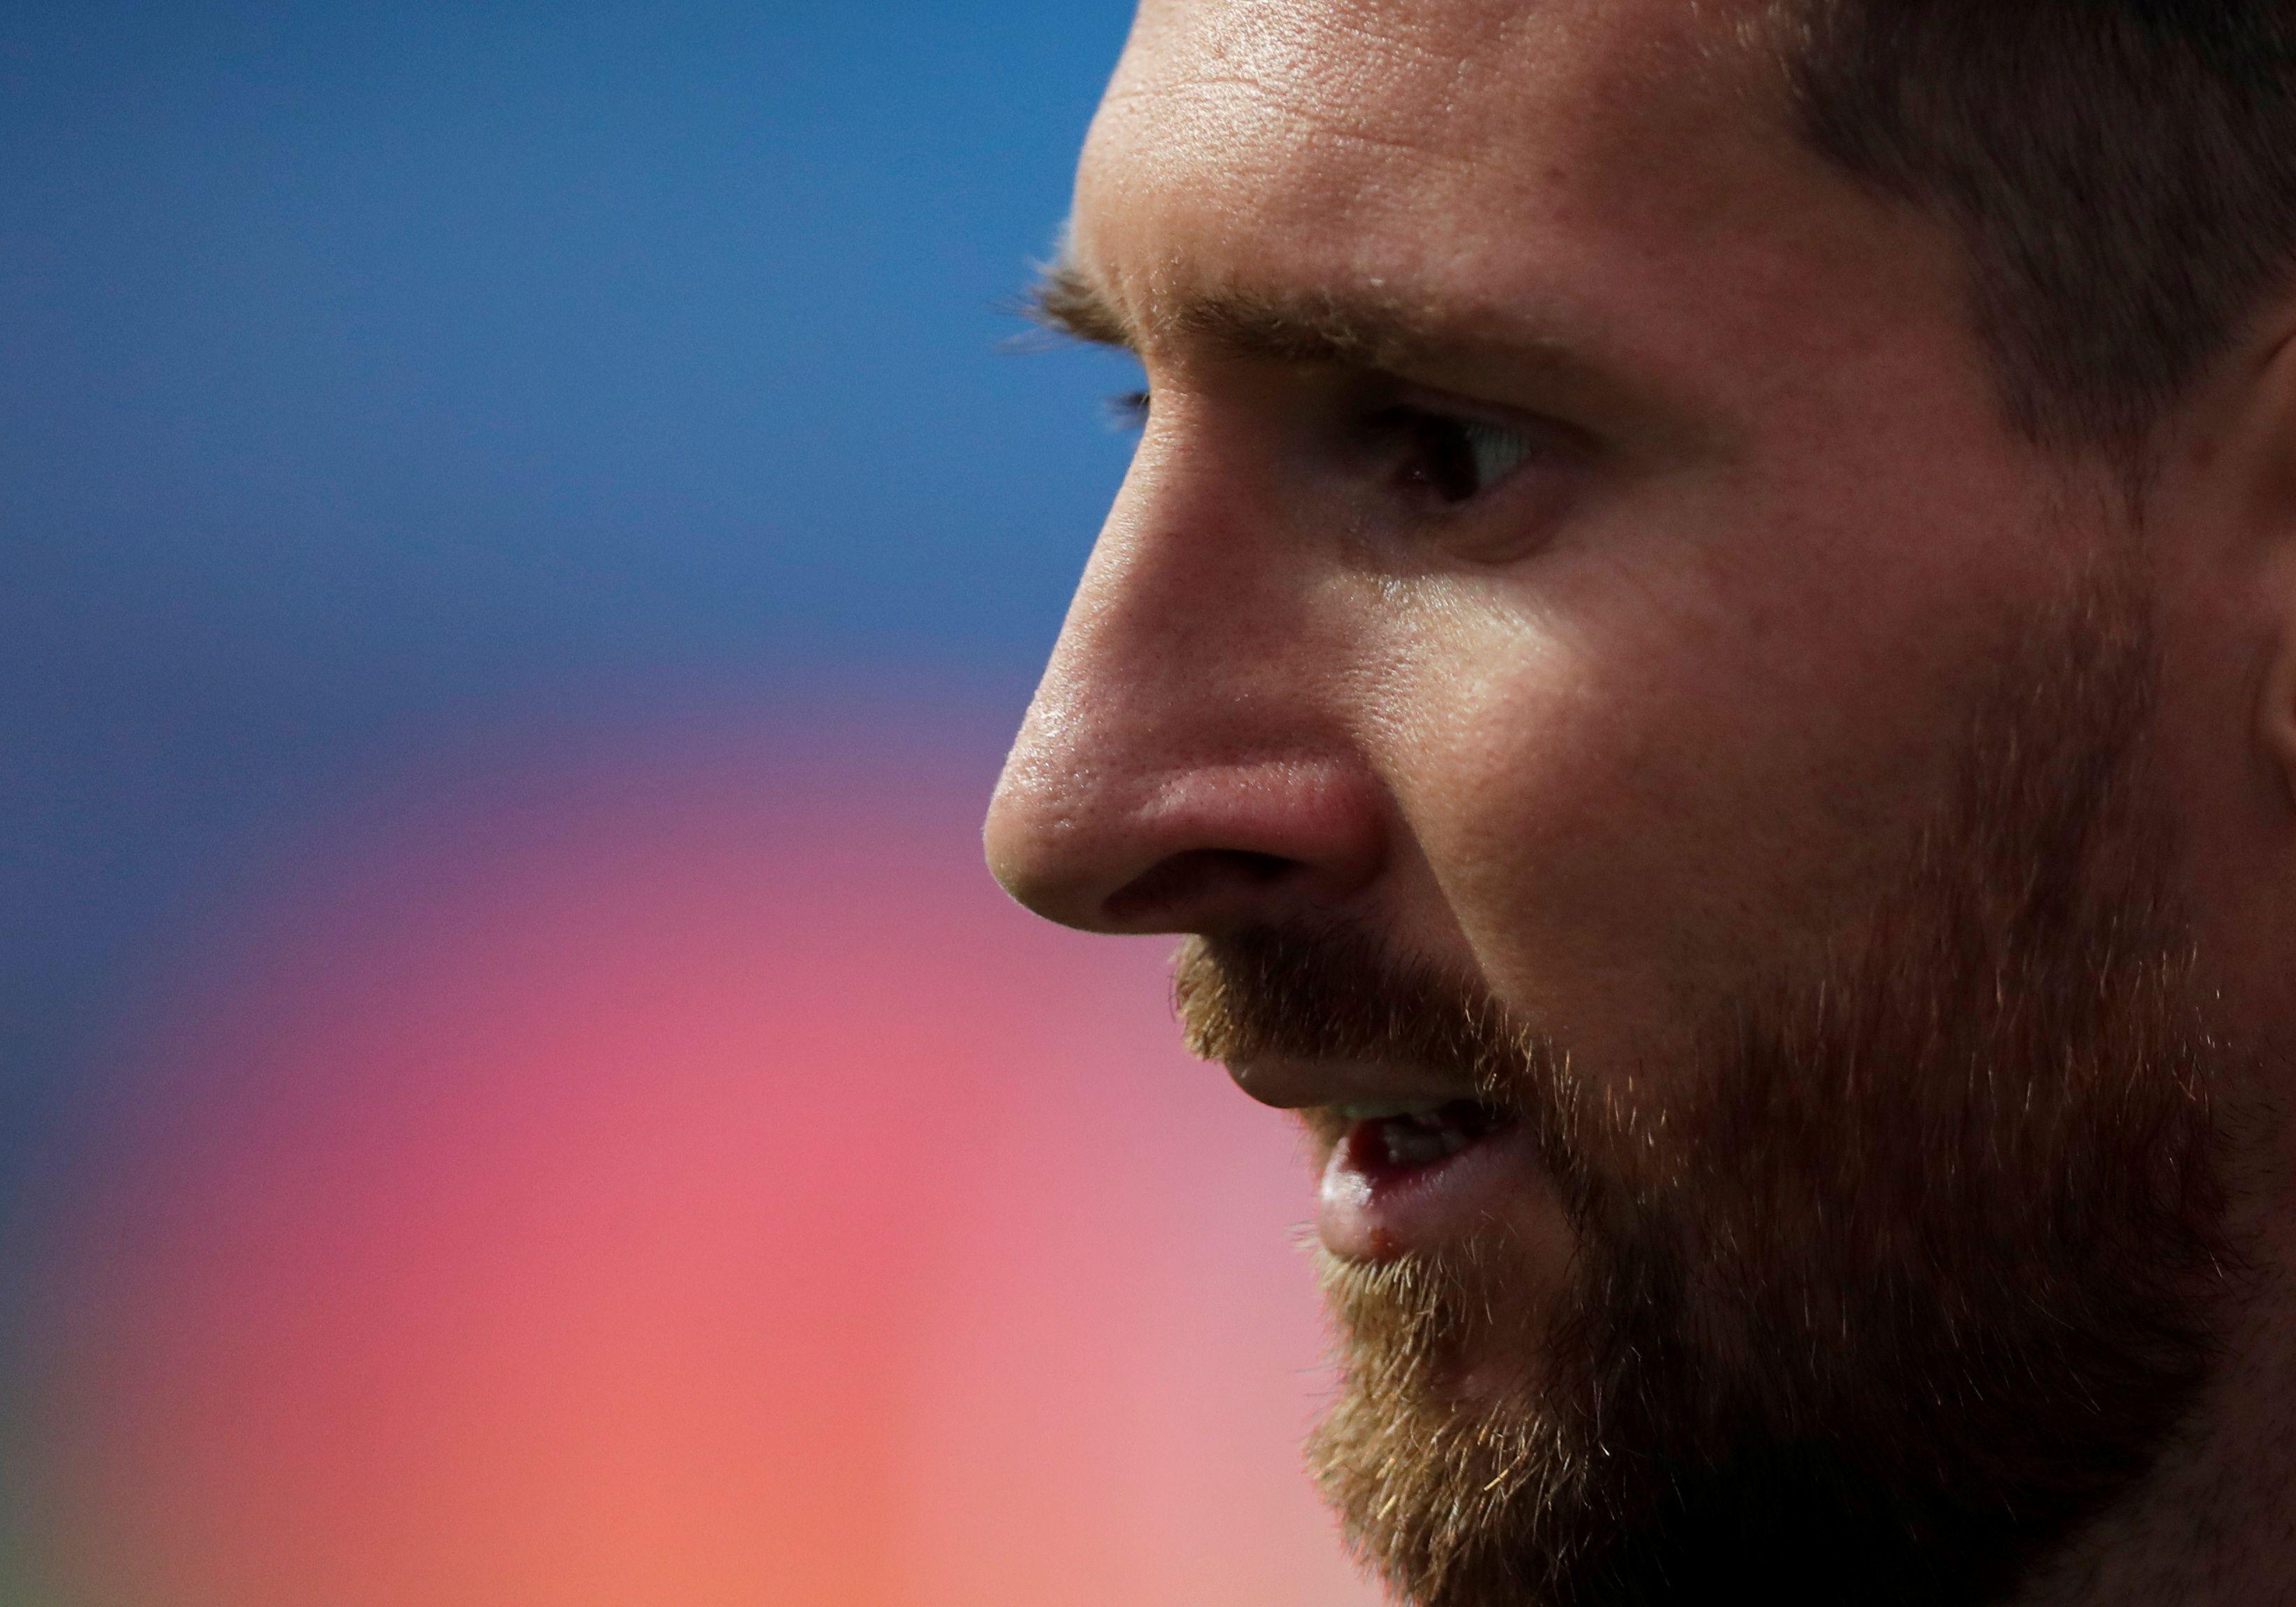 Solamente Messi y su familia saben qué decisión está cerca de tomar (Manu Fernandez/Pool via REUTERS)